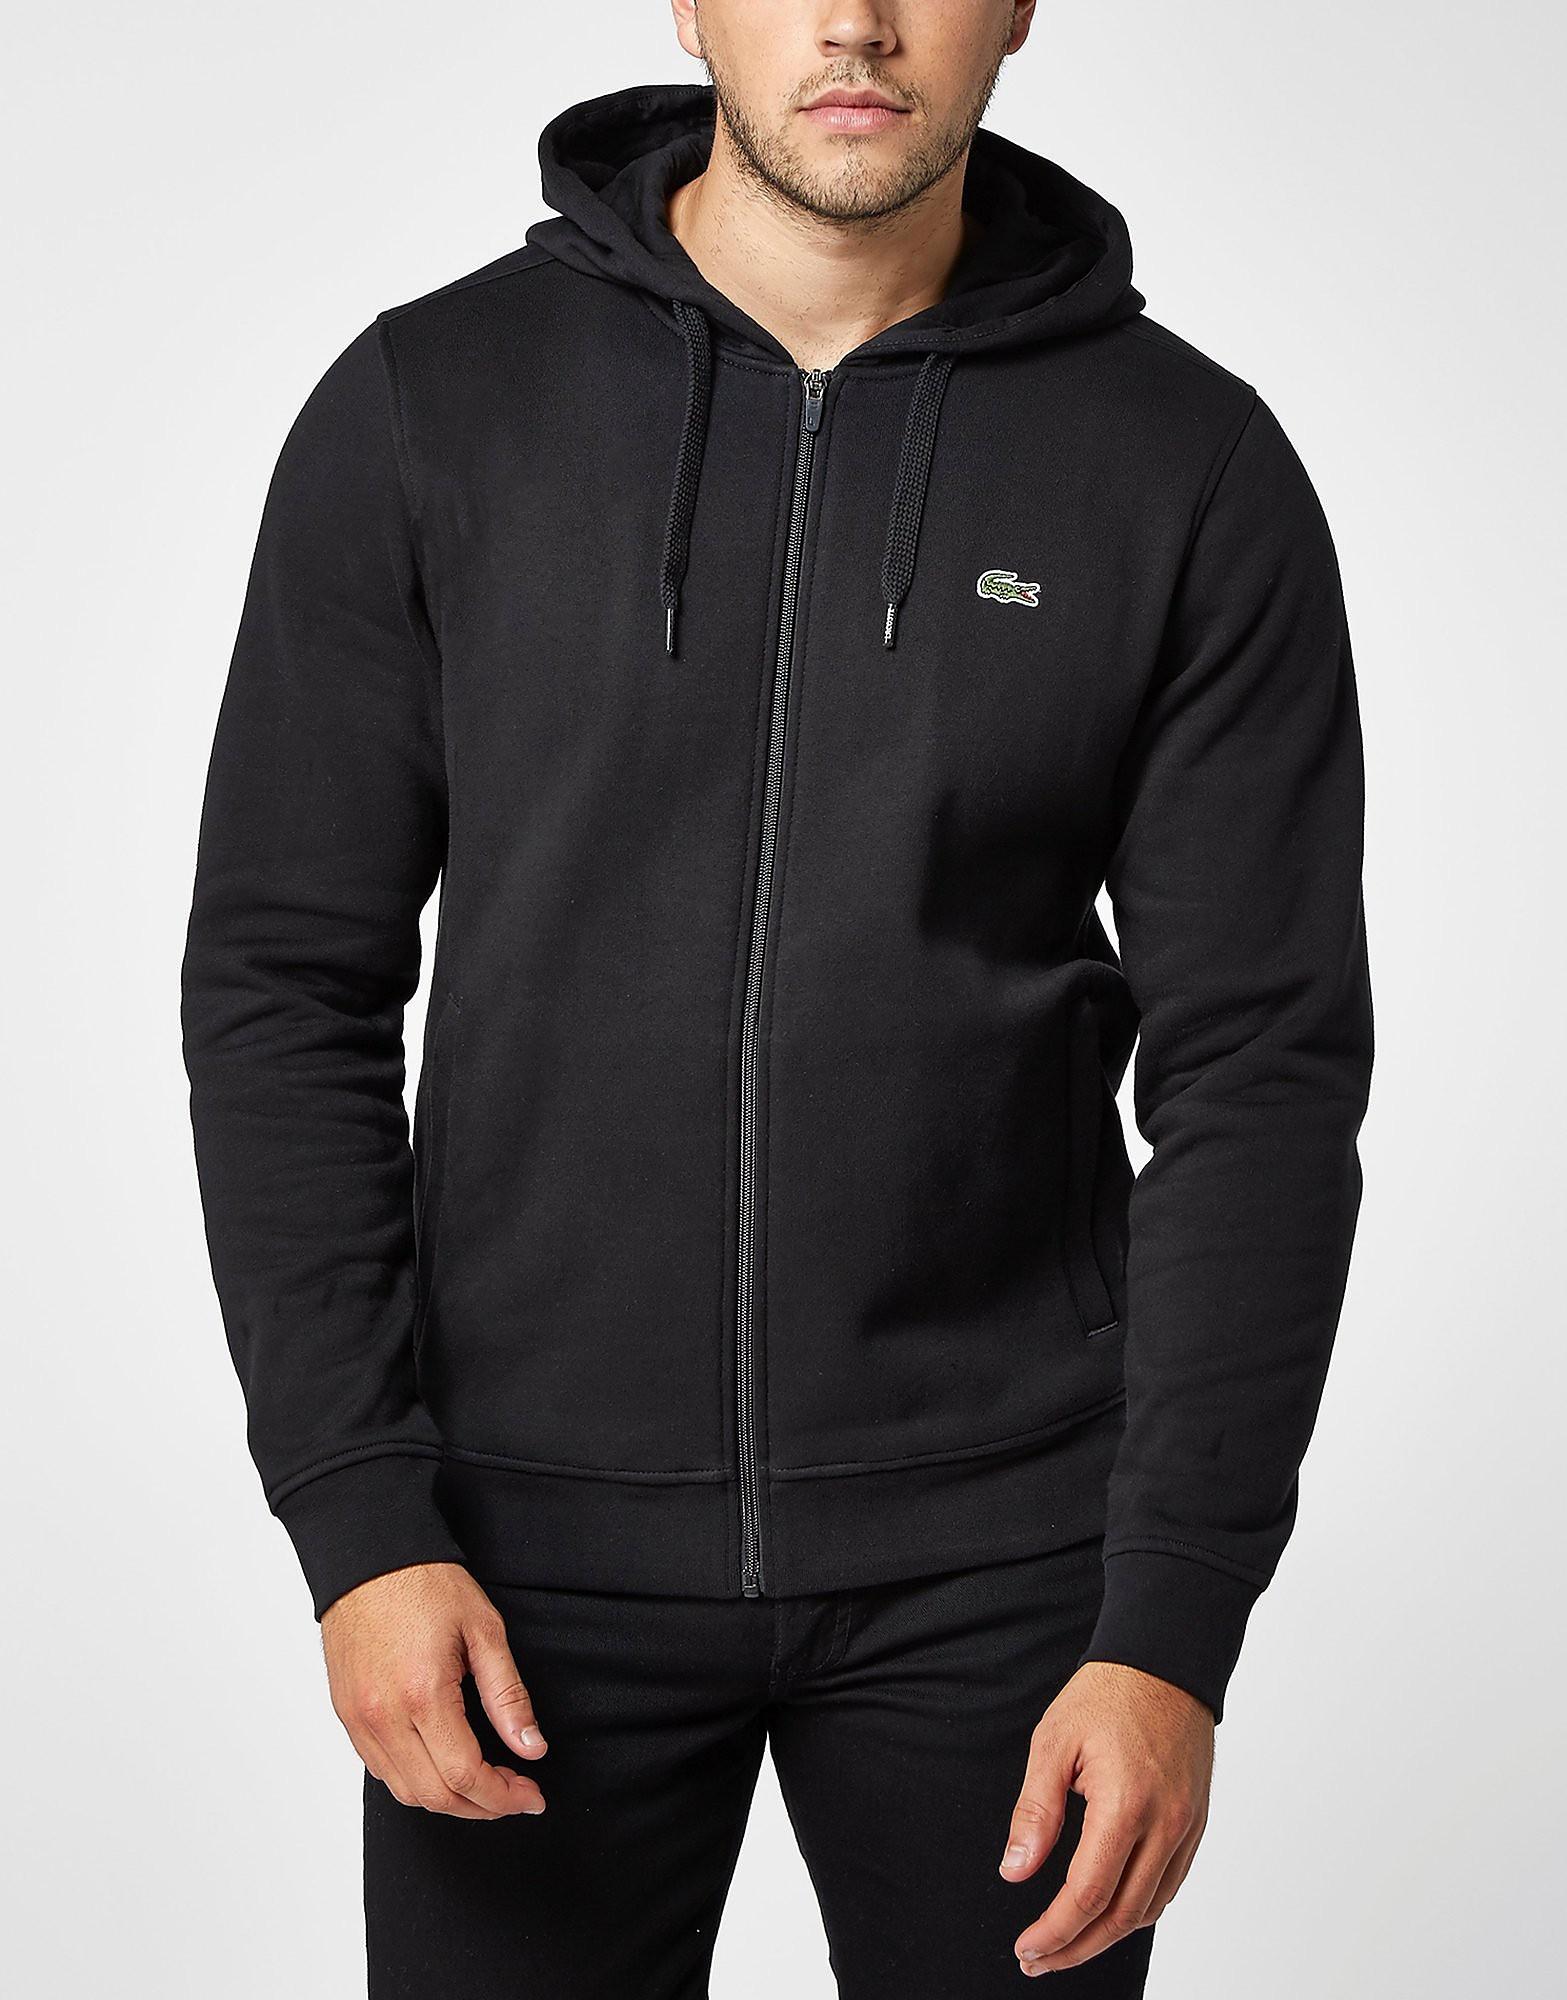 Lacoste Full Zip Fleece Hoody